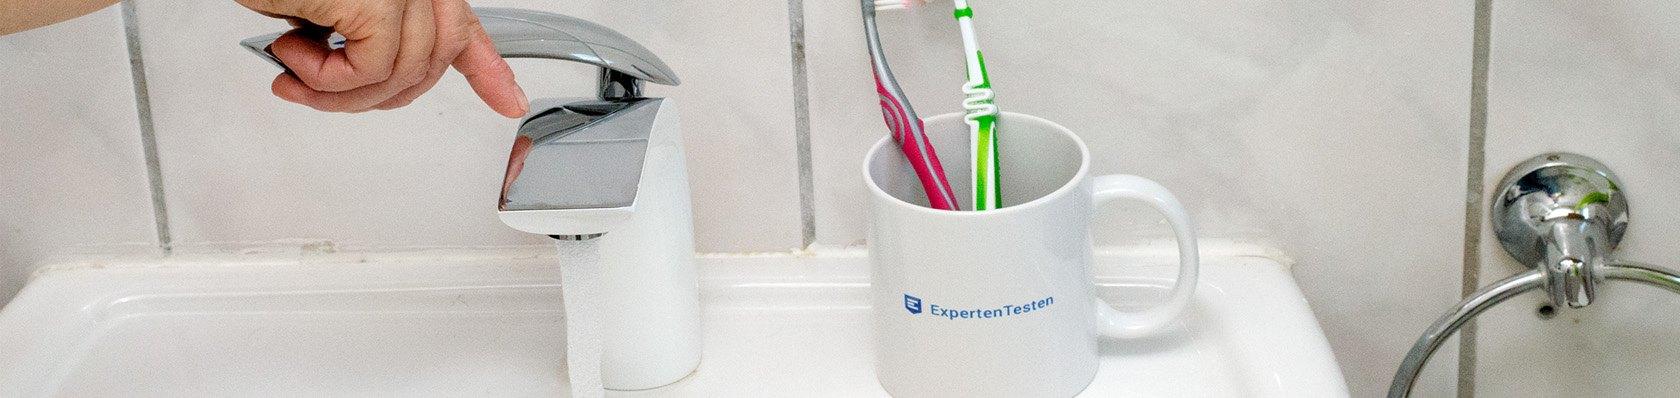 Waschtischarmaturen im Test auf ExpertenTesten.de